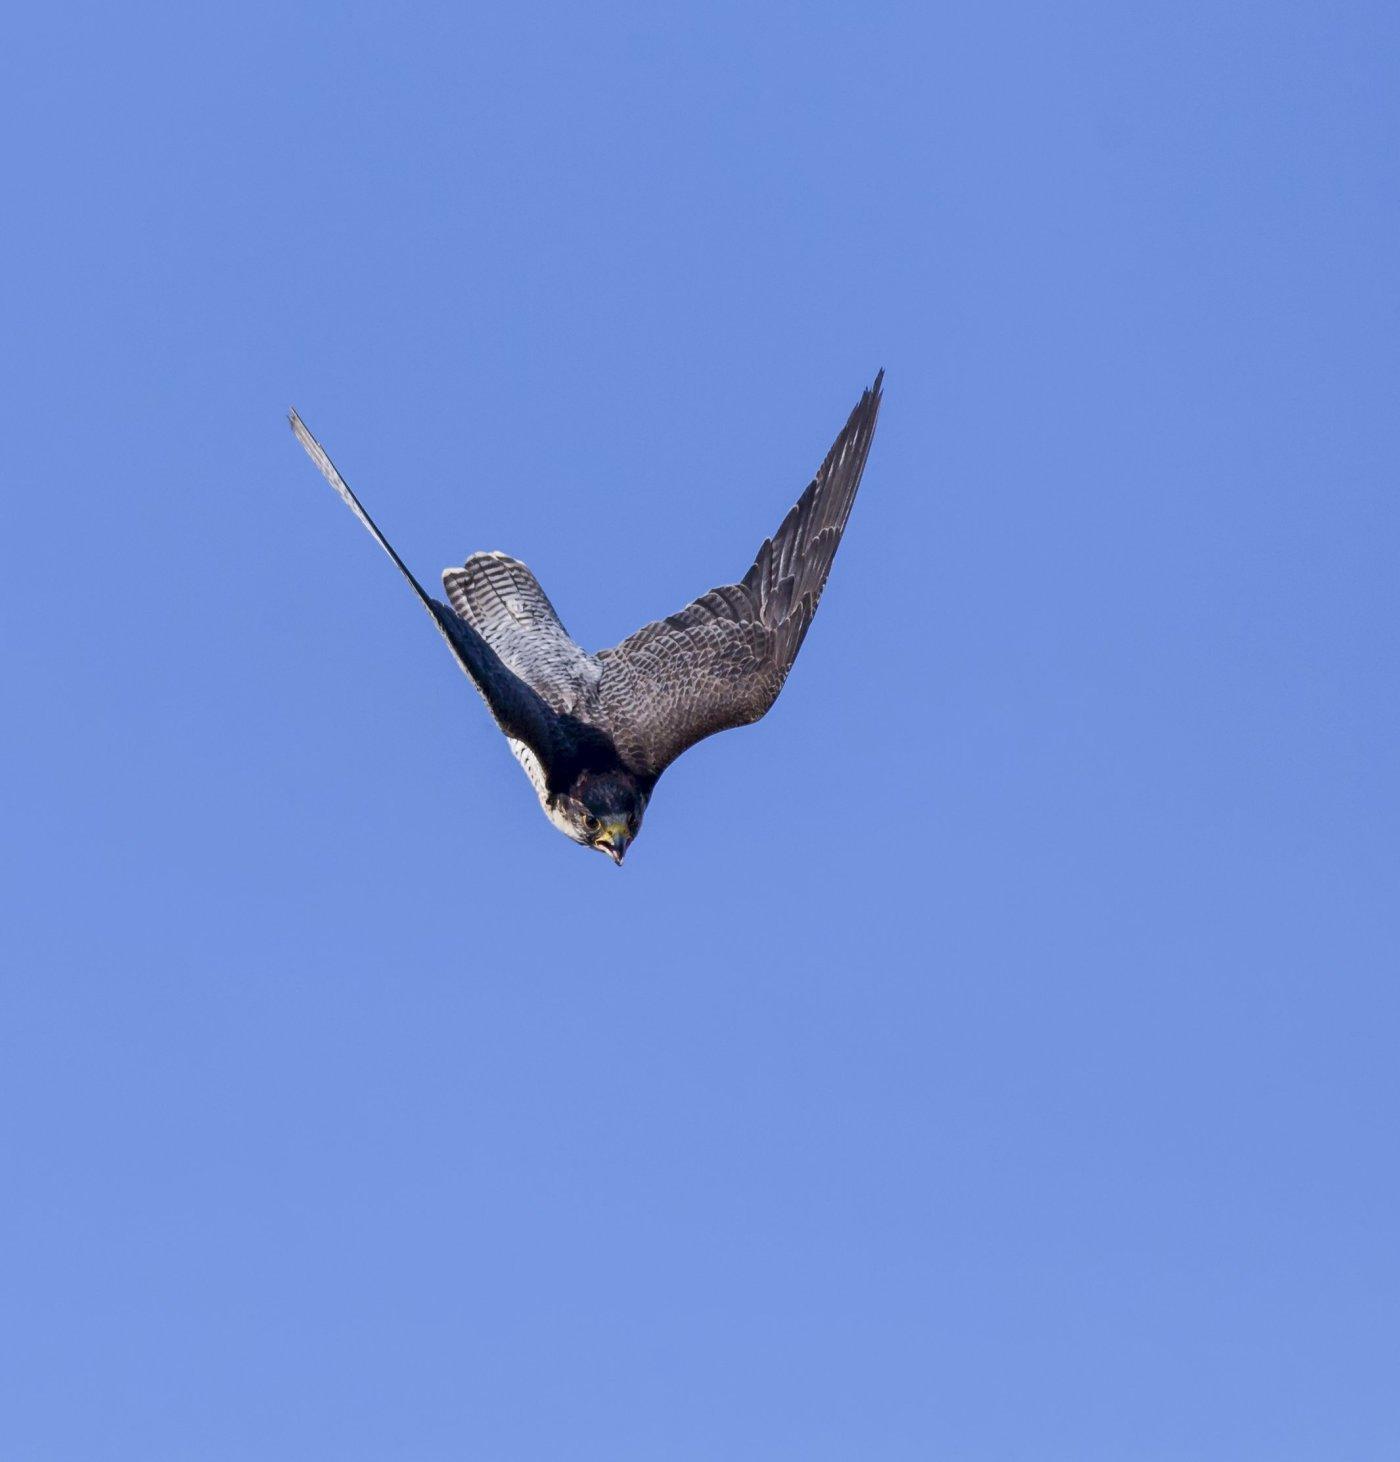 bird of prey diving